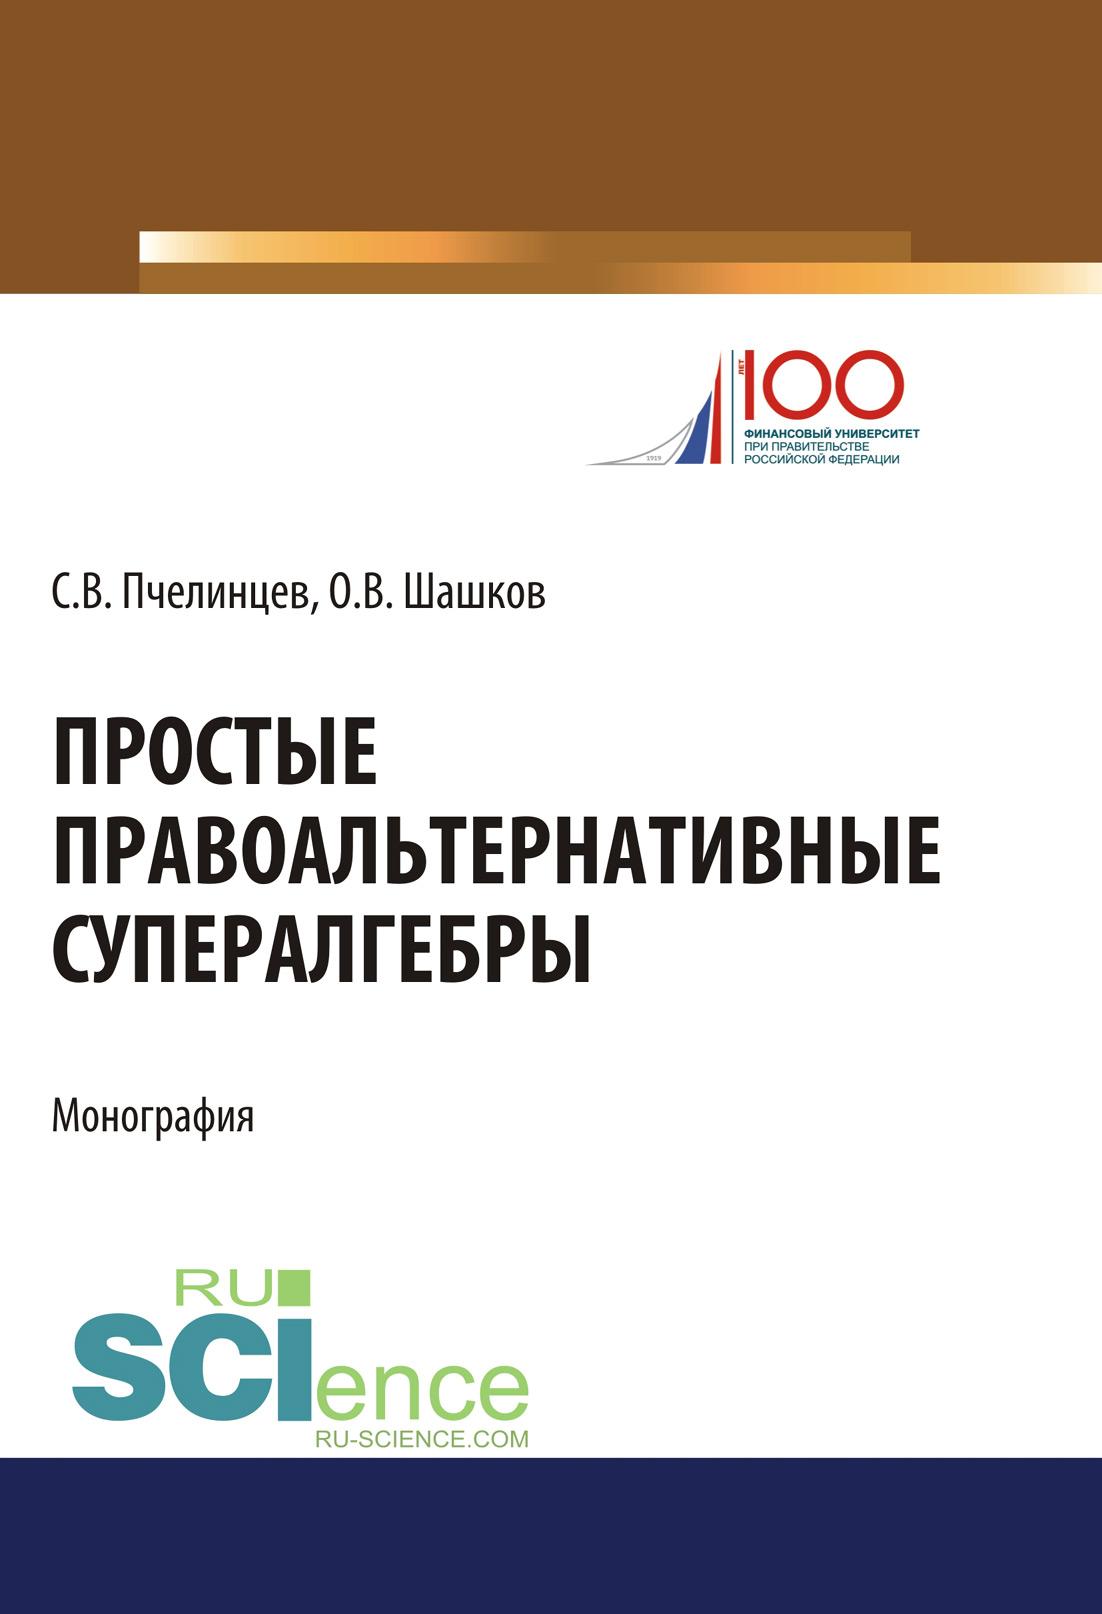 Купить книгу Простые правоальтернативные супералгебры, автора О. В. Шашкова